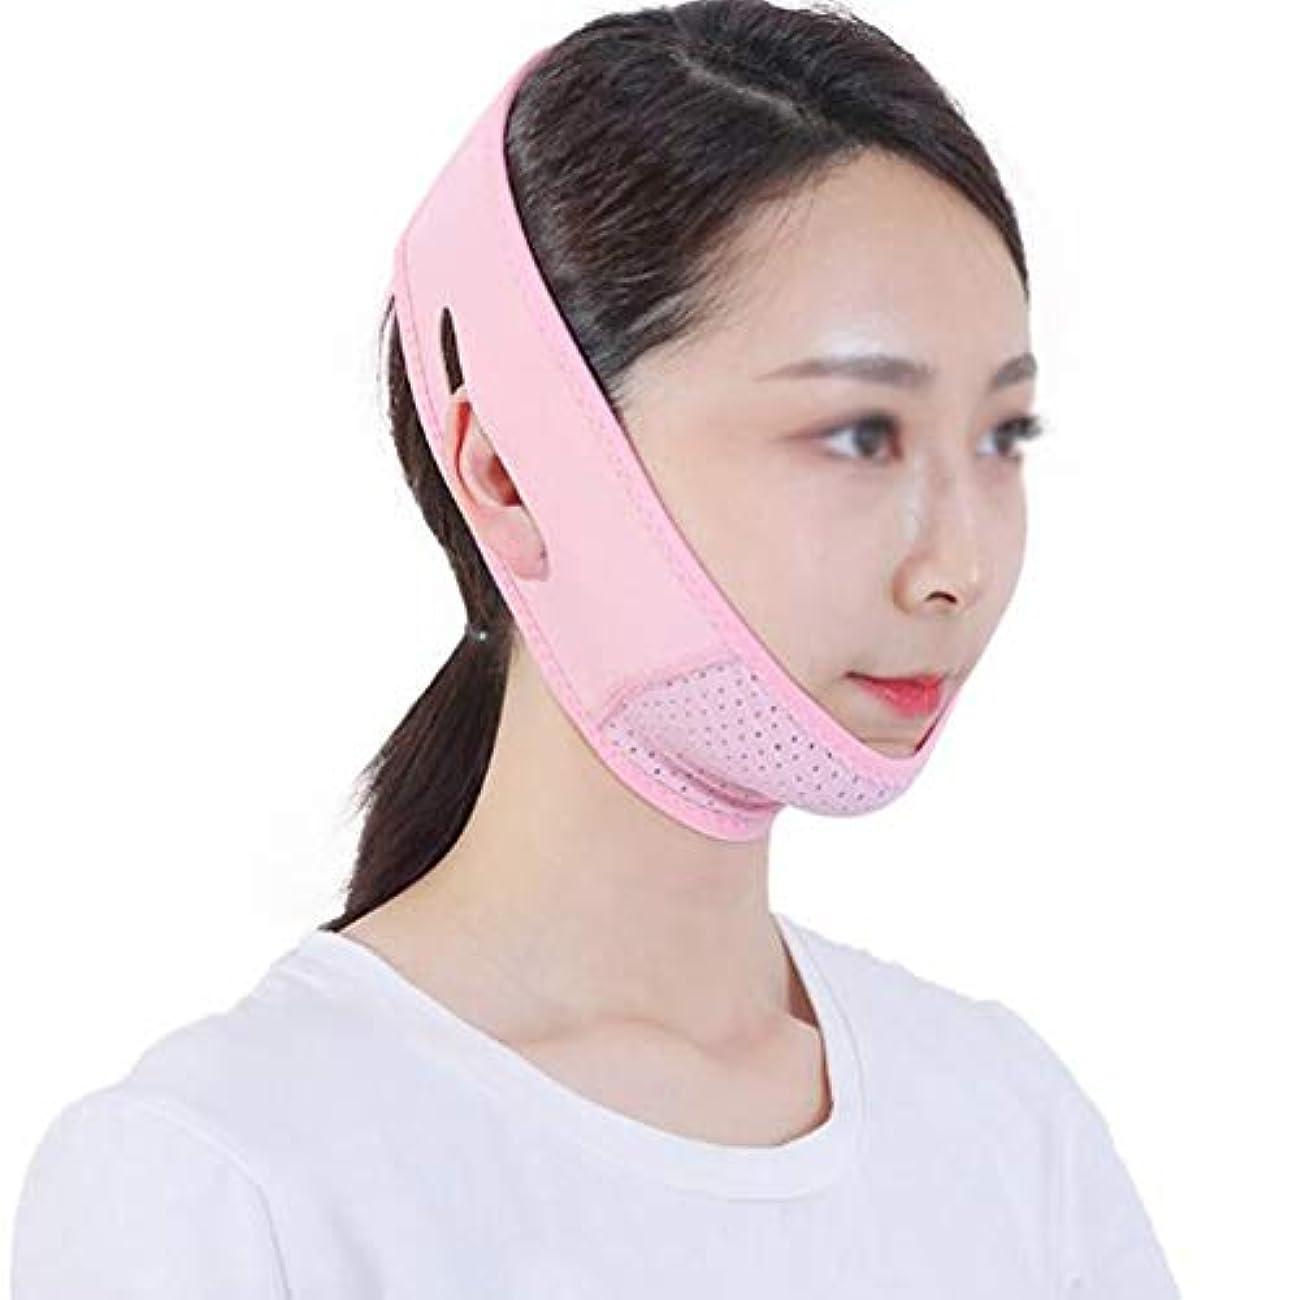 日焼け取得反応するHeallily フェイスリフティングVバンドフェイスシェイパー無料あご頬リフトアップバンドフェイシャルslim身包帯